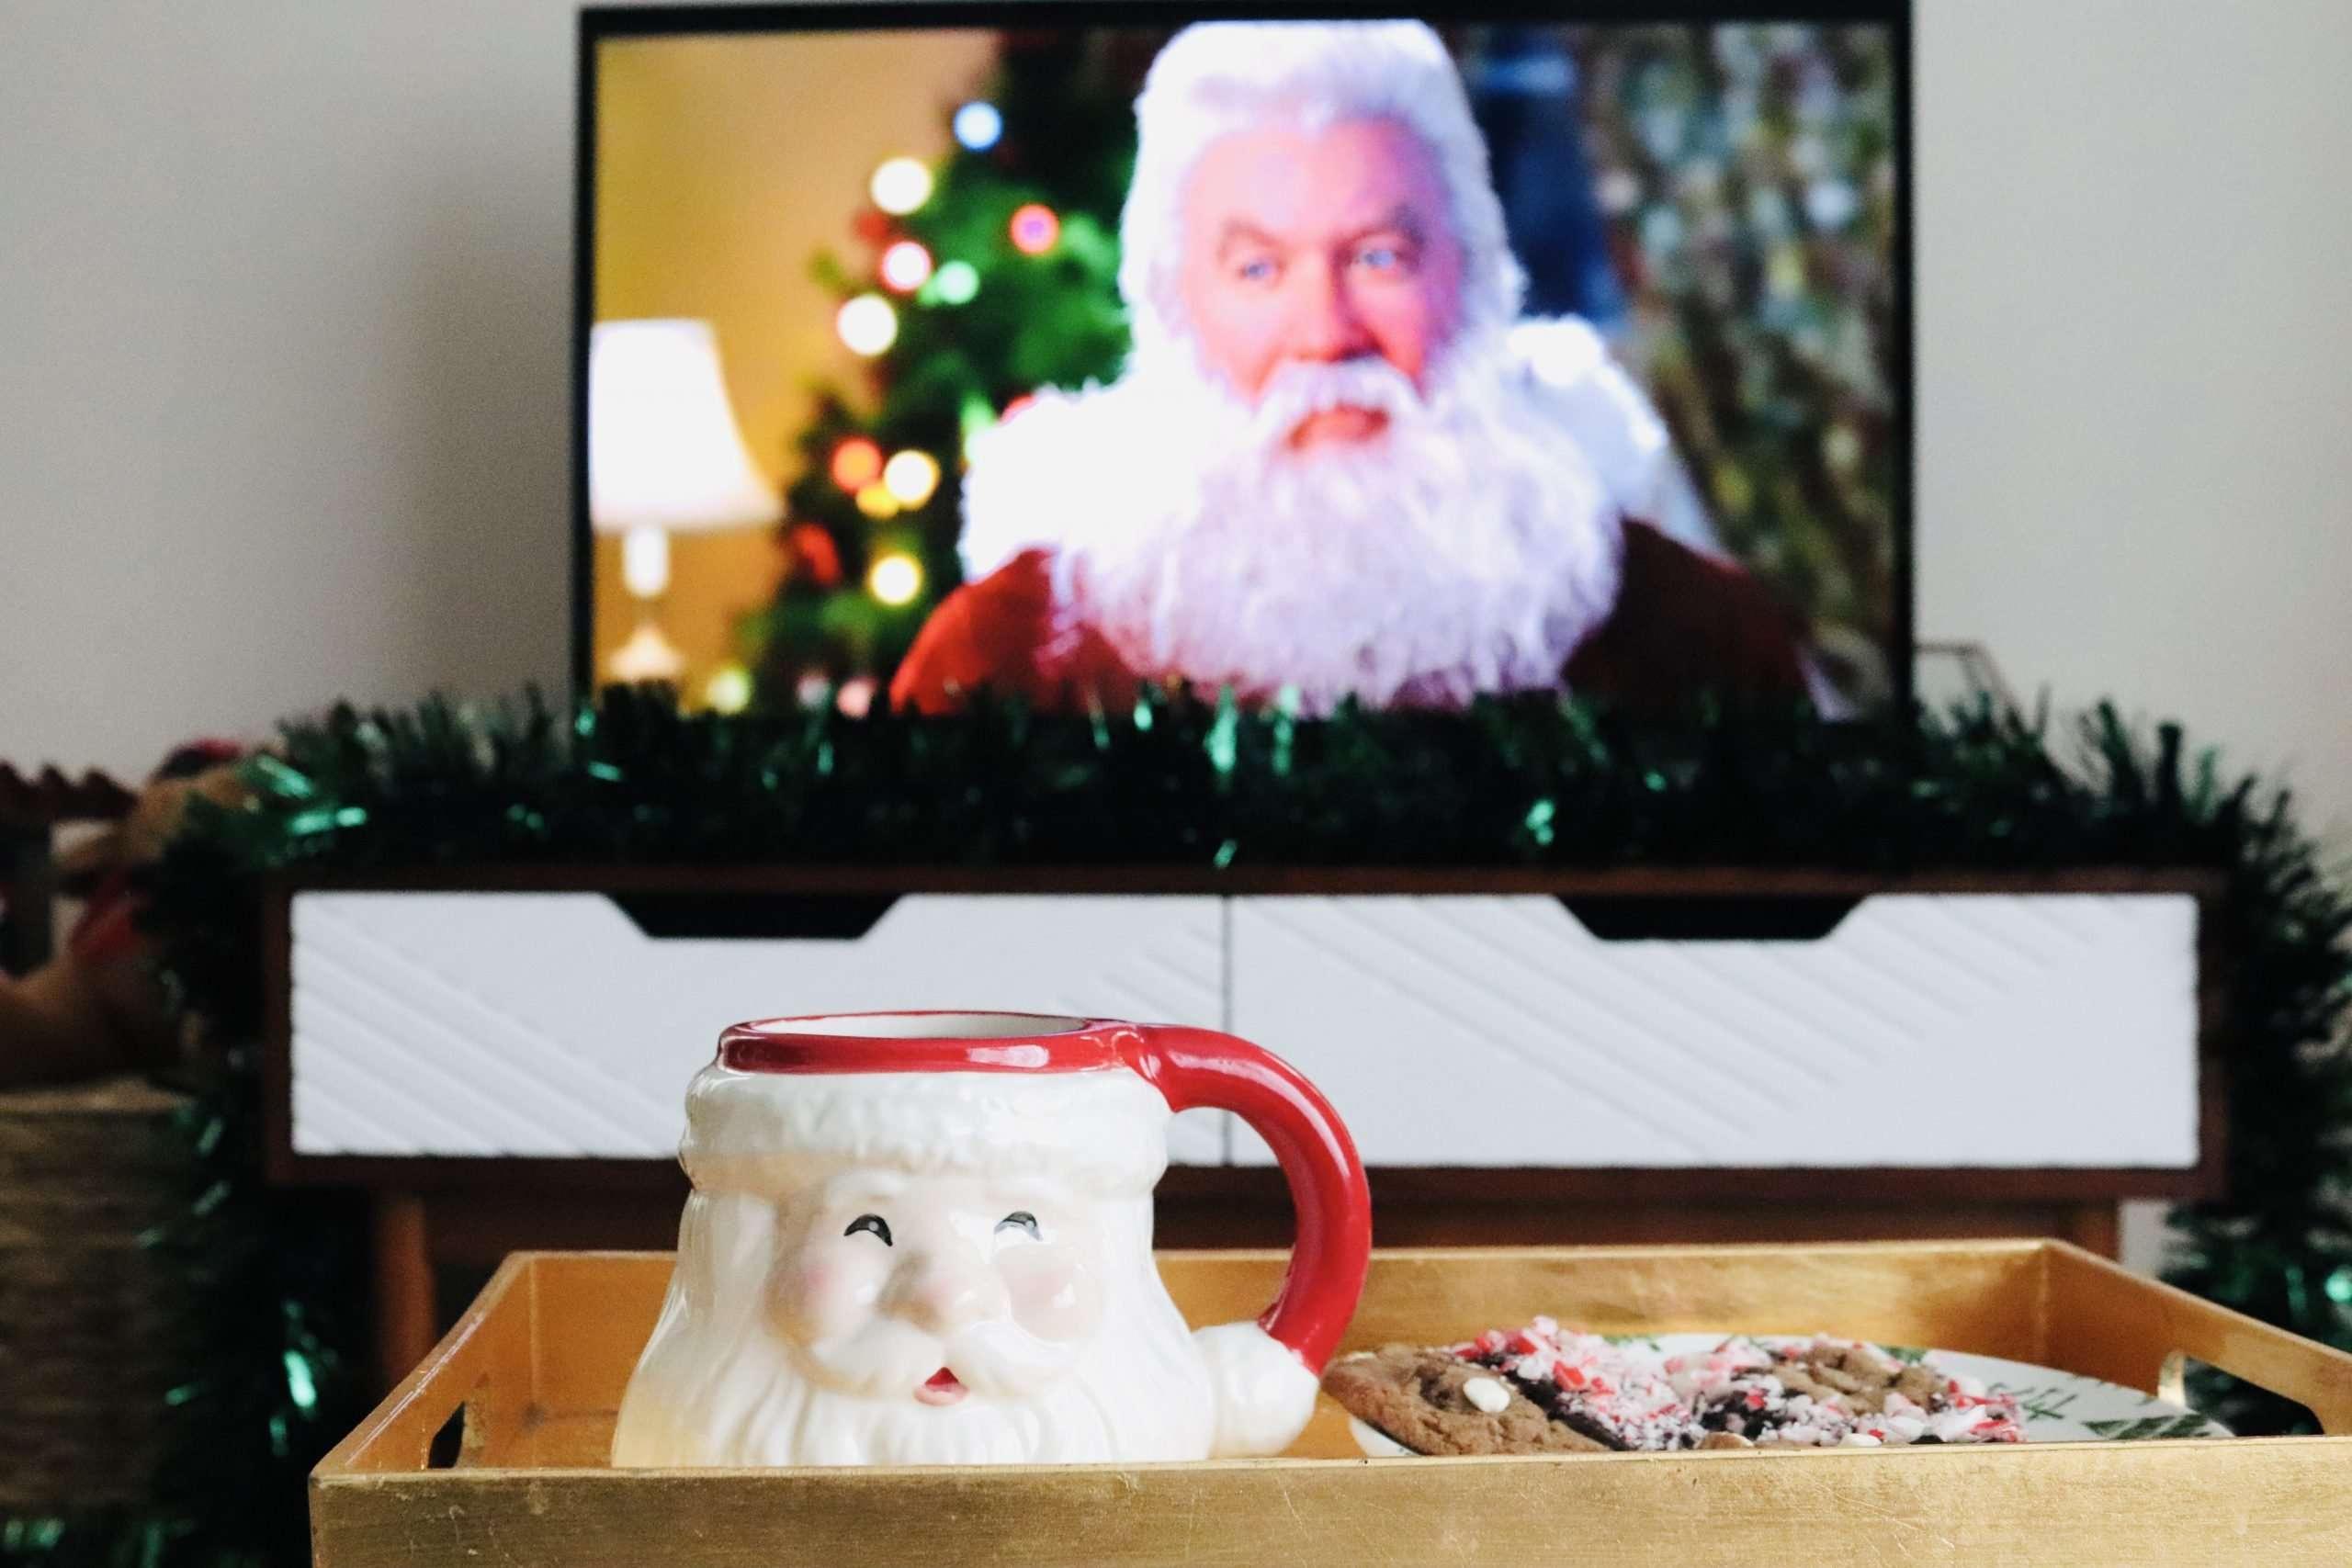 Santa Clause movie night